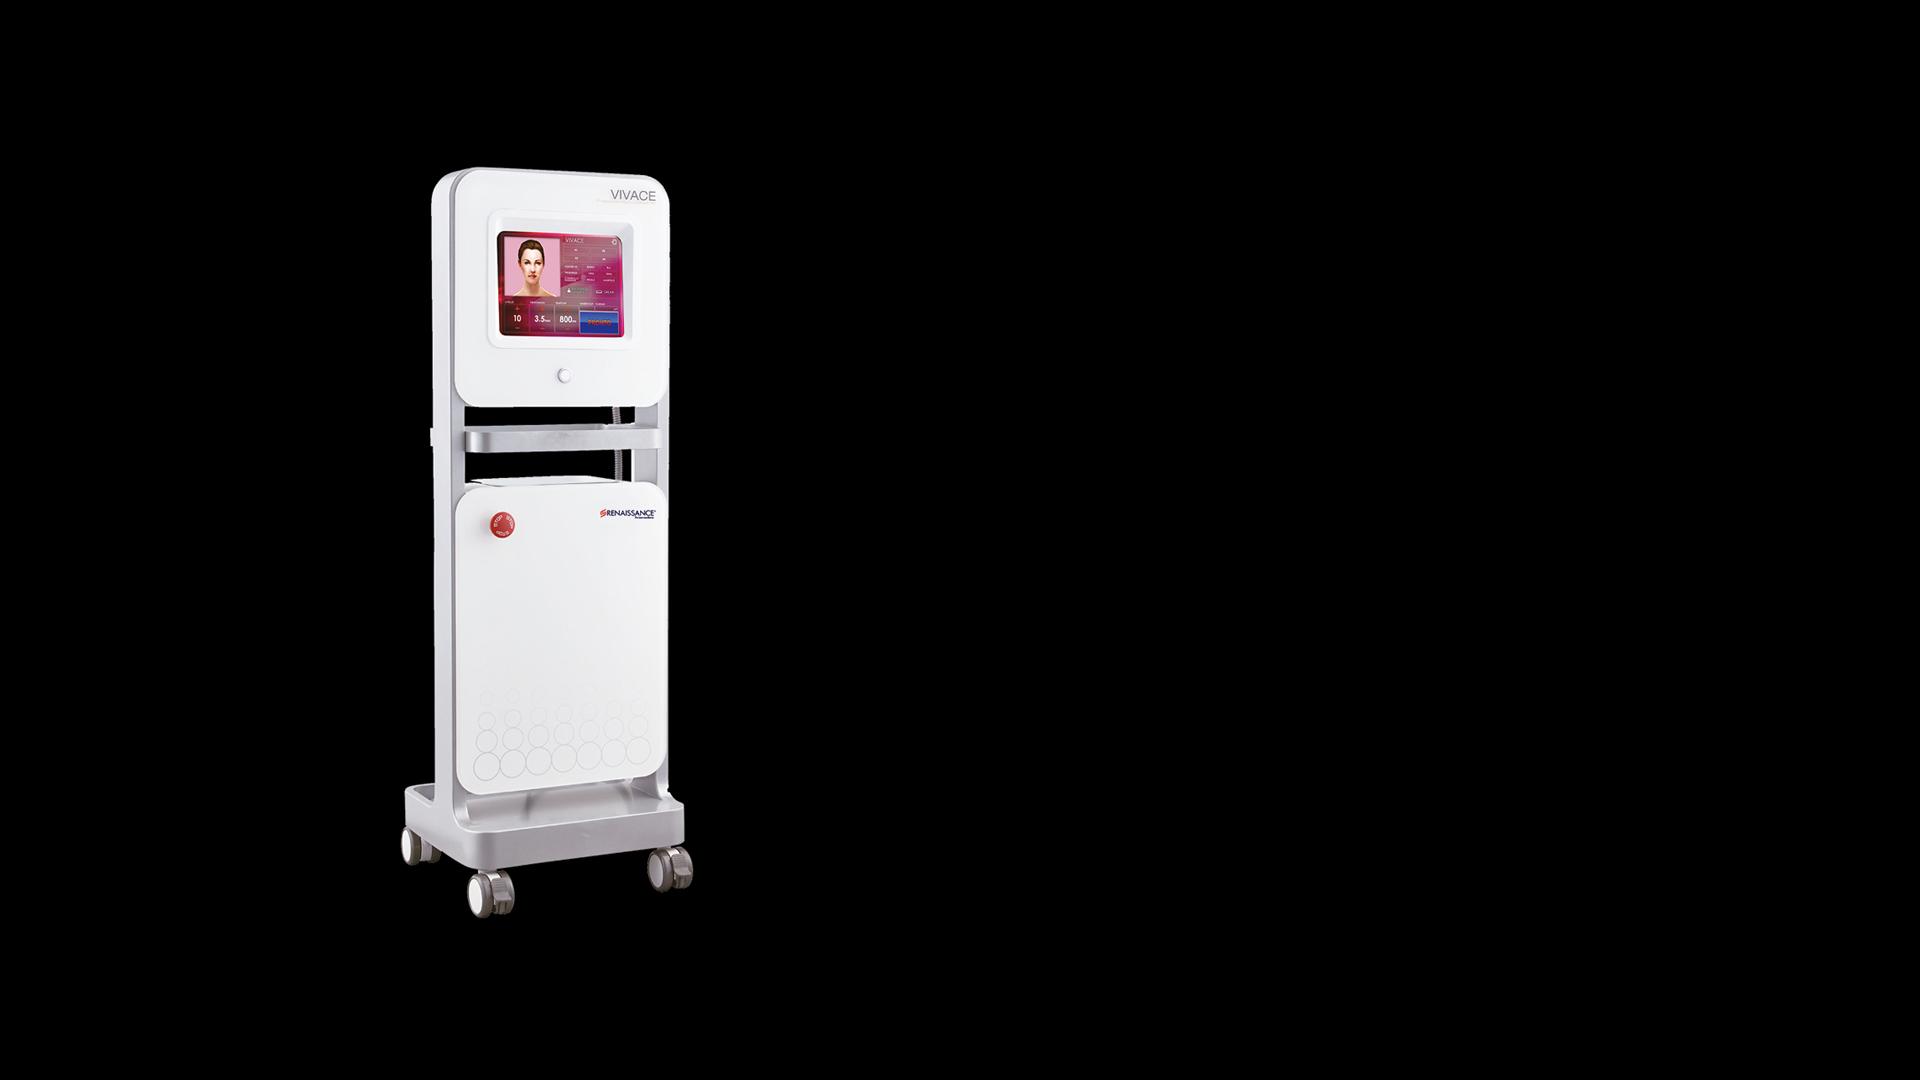 sistema-microneendling-rf-vivace